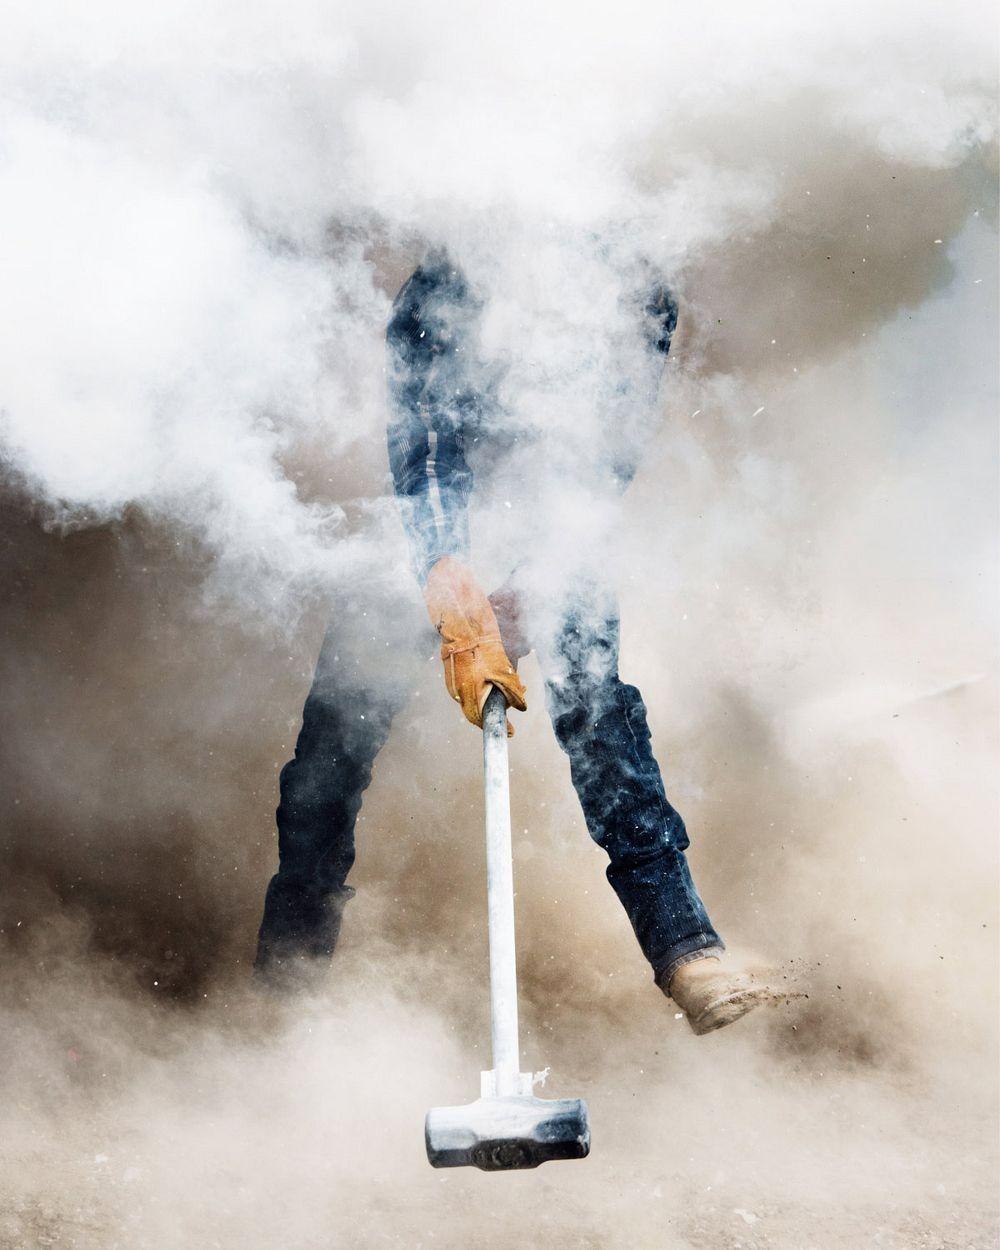 sledgehammer-explosion-6